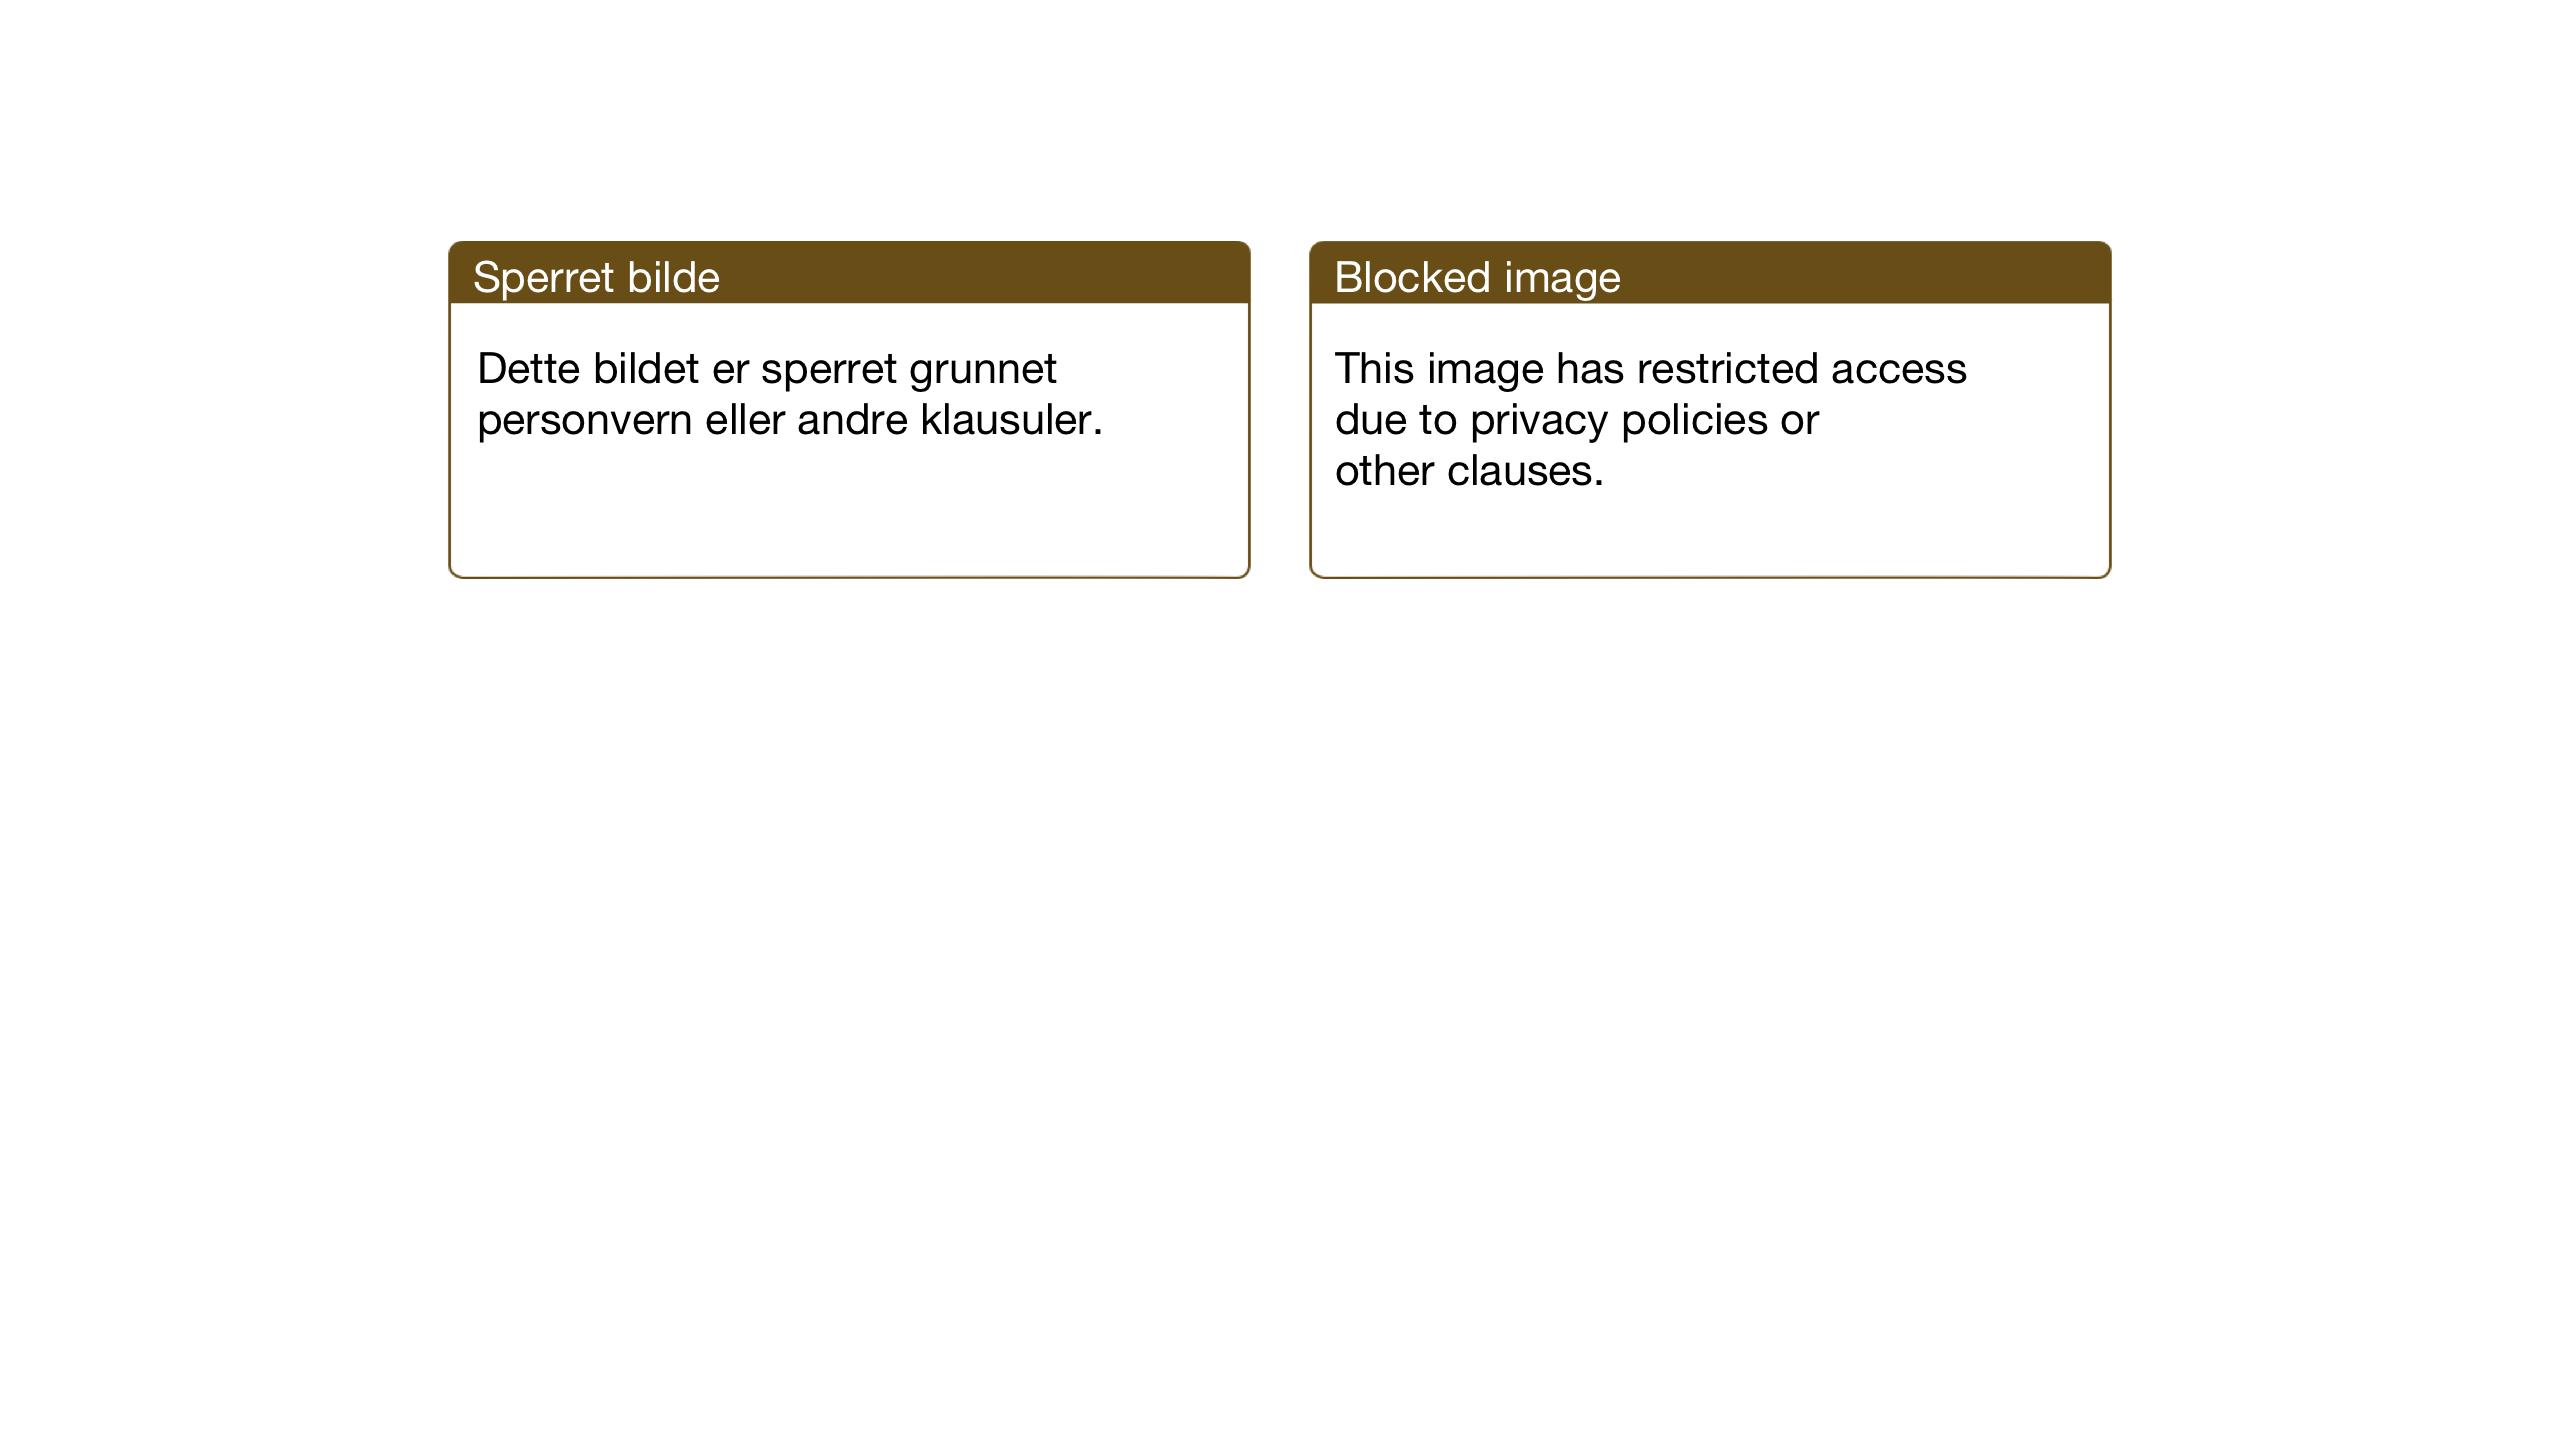 SAT, Ministerialprotokoller, klokkerbøker og fødselsregistre - Sør-Trøndelag, 686/L0986: Klokkerbok nr. 686C02, 1933-1950, s. 94